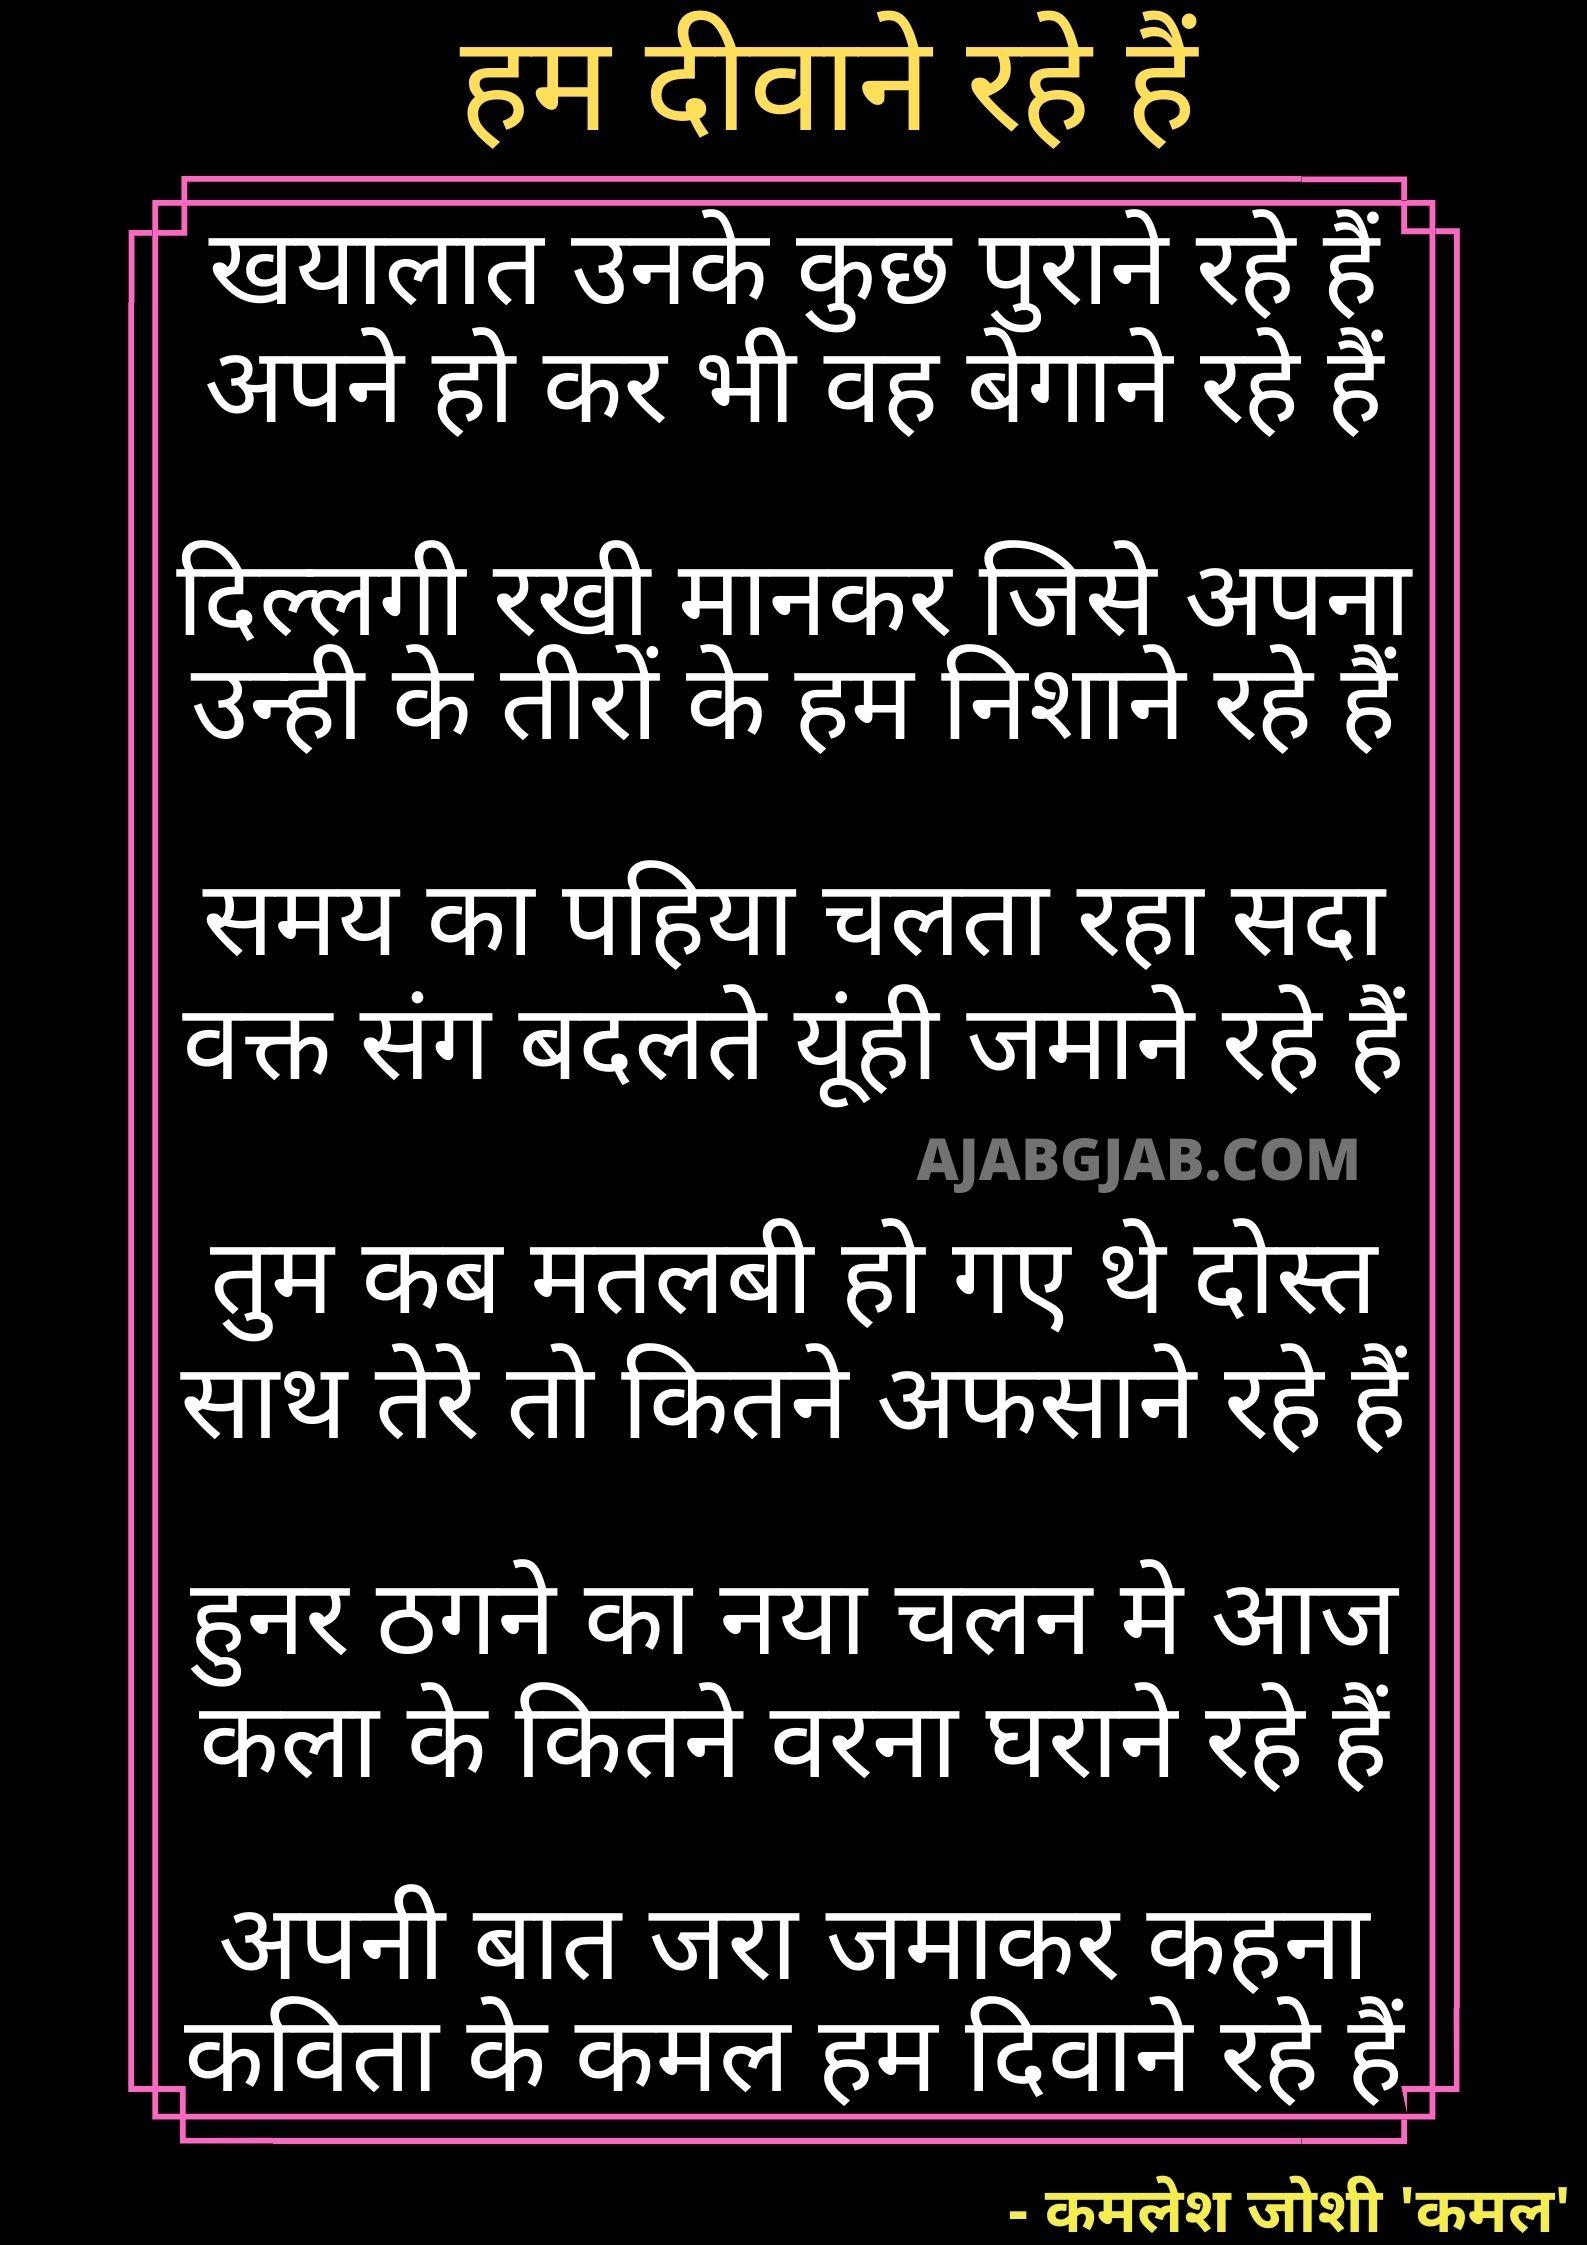 Hum Deewane Rahe Hai Poem In Hindi